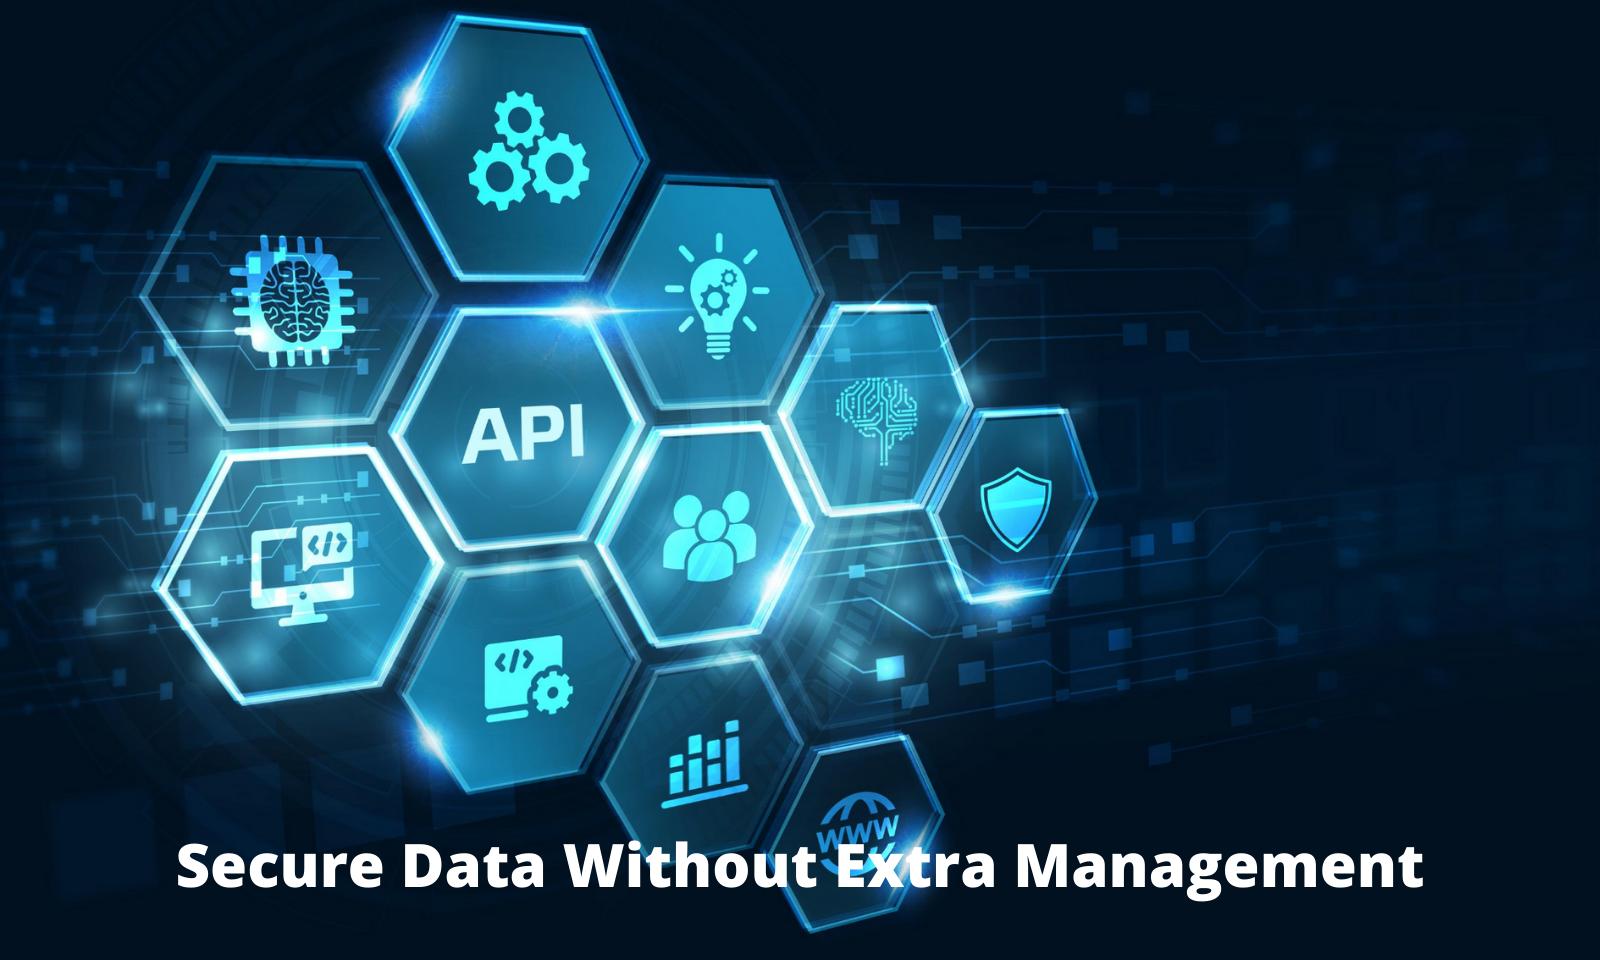 API Driven Security